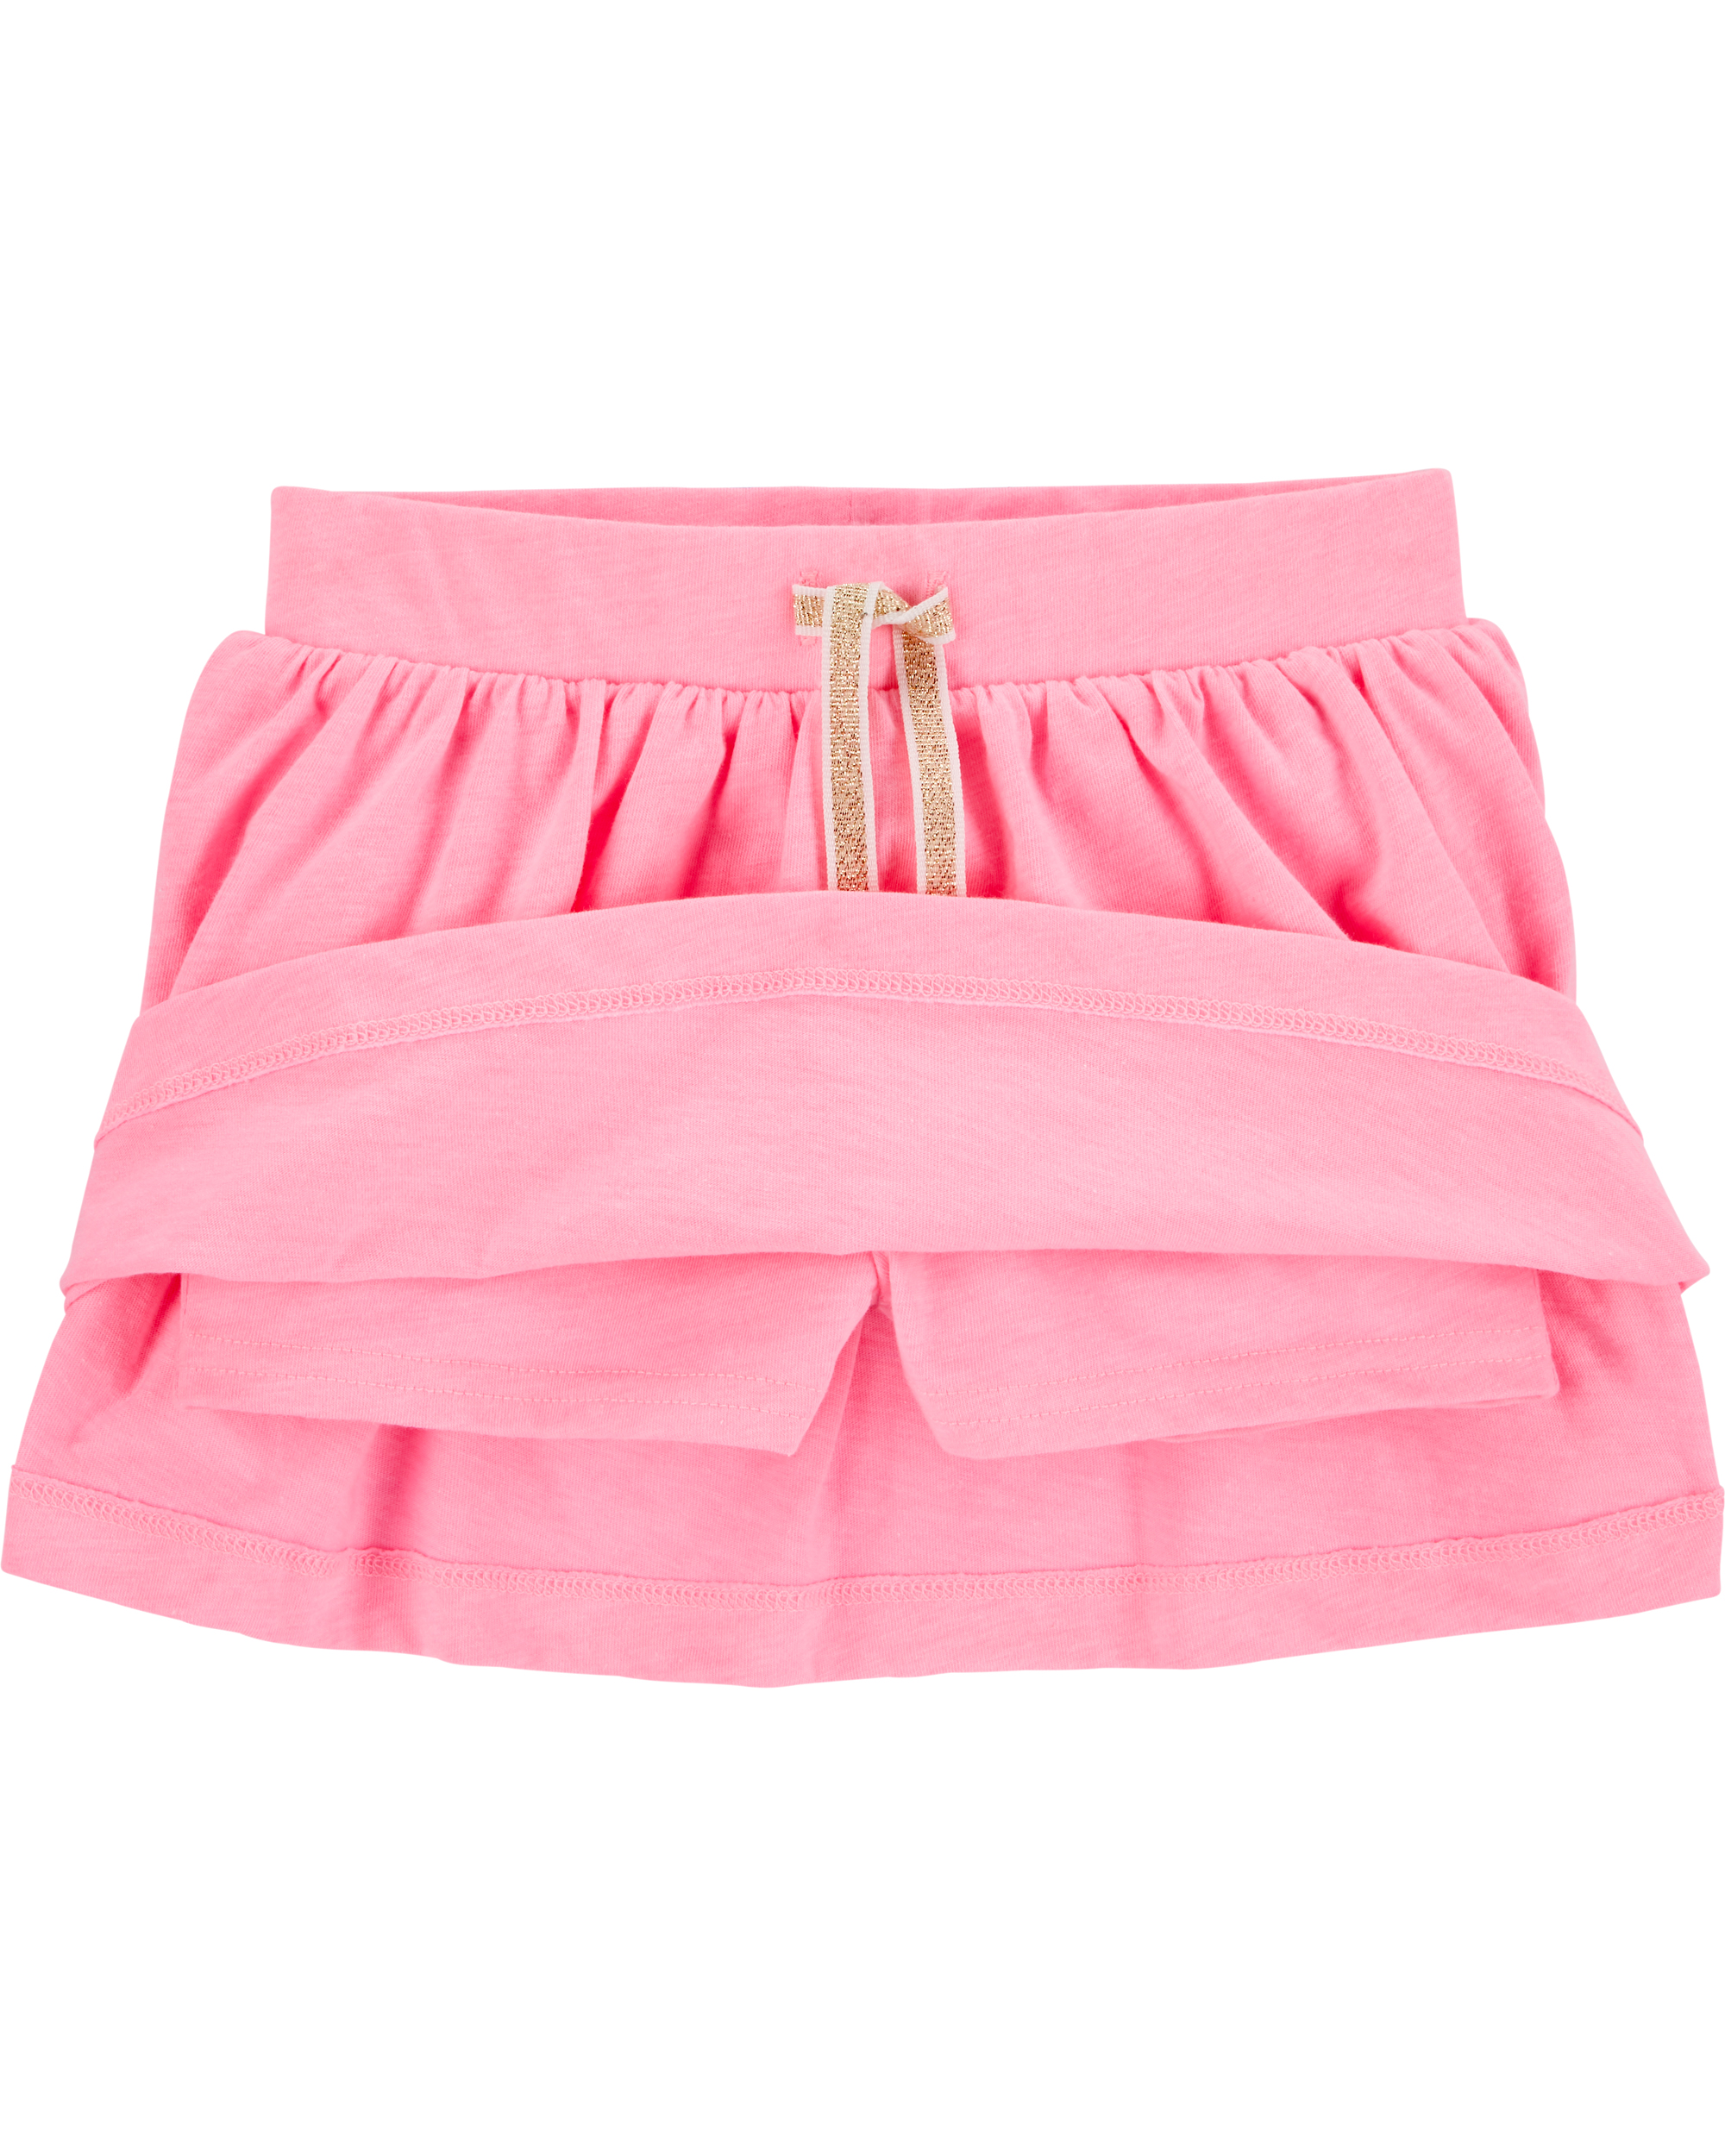 חצאית מכנס ורוד בהיר